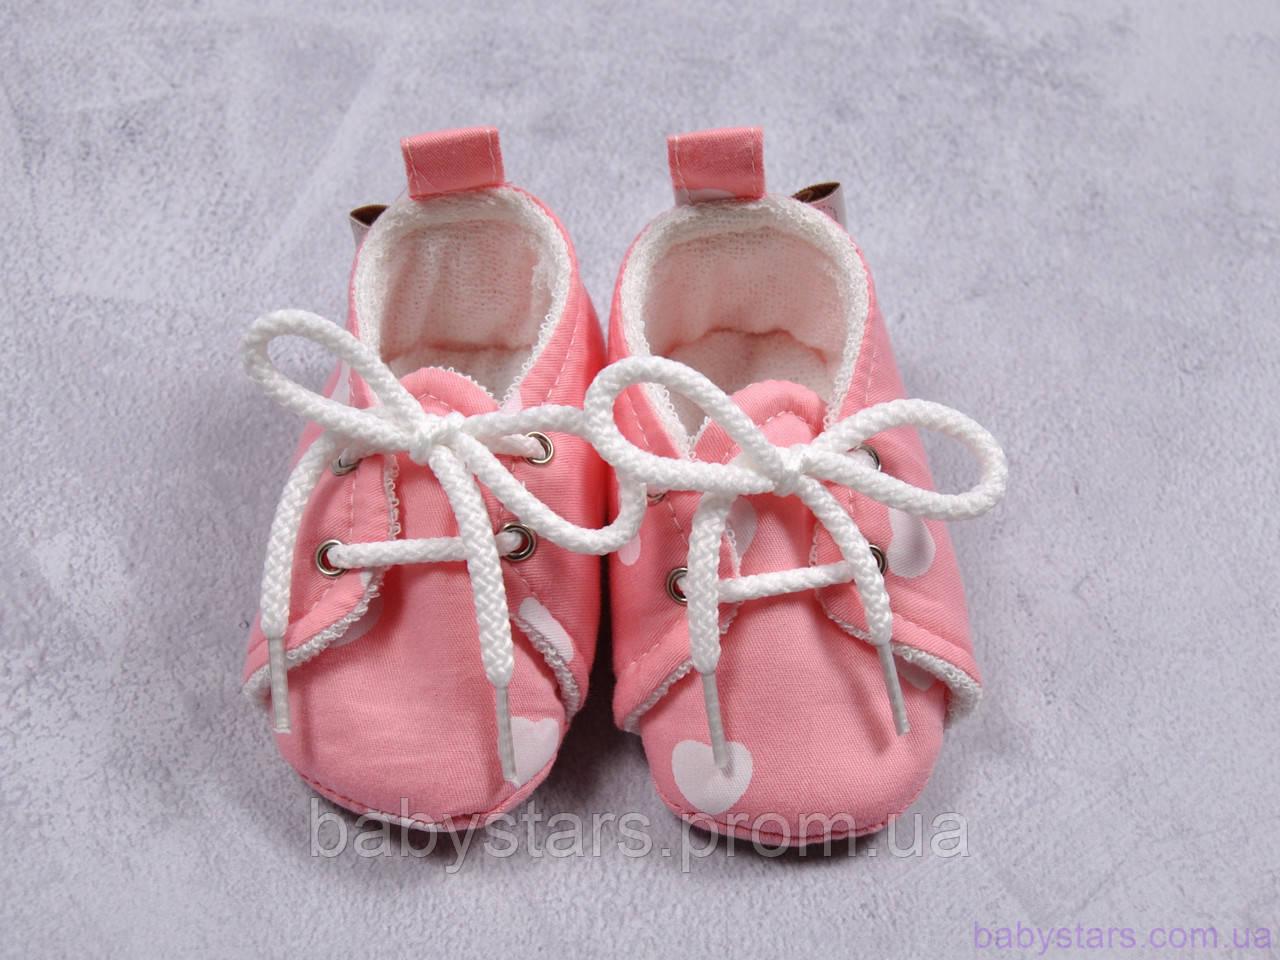 Пинетки для новорожденной девочки из хлопка, сердечки